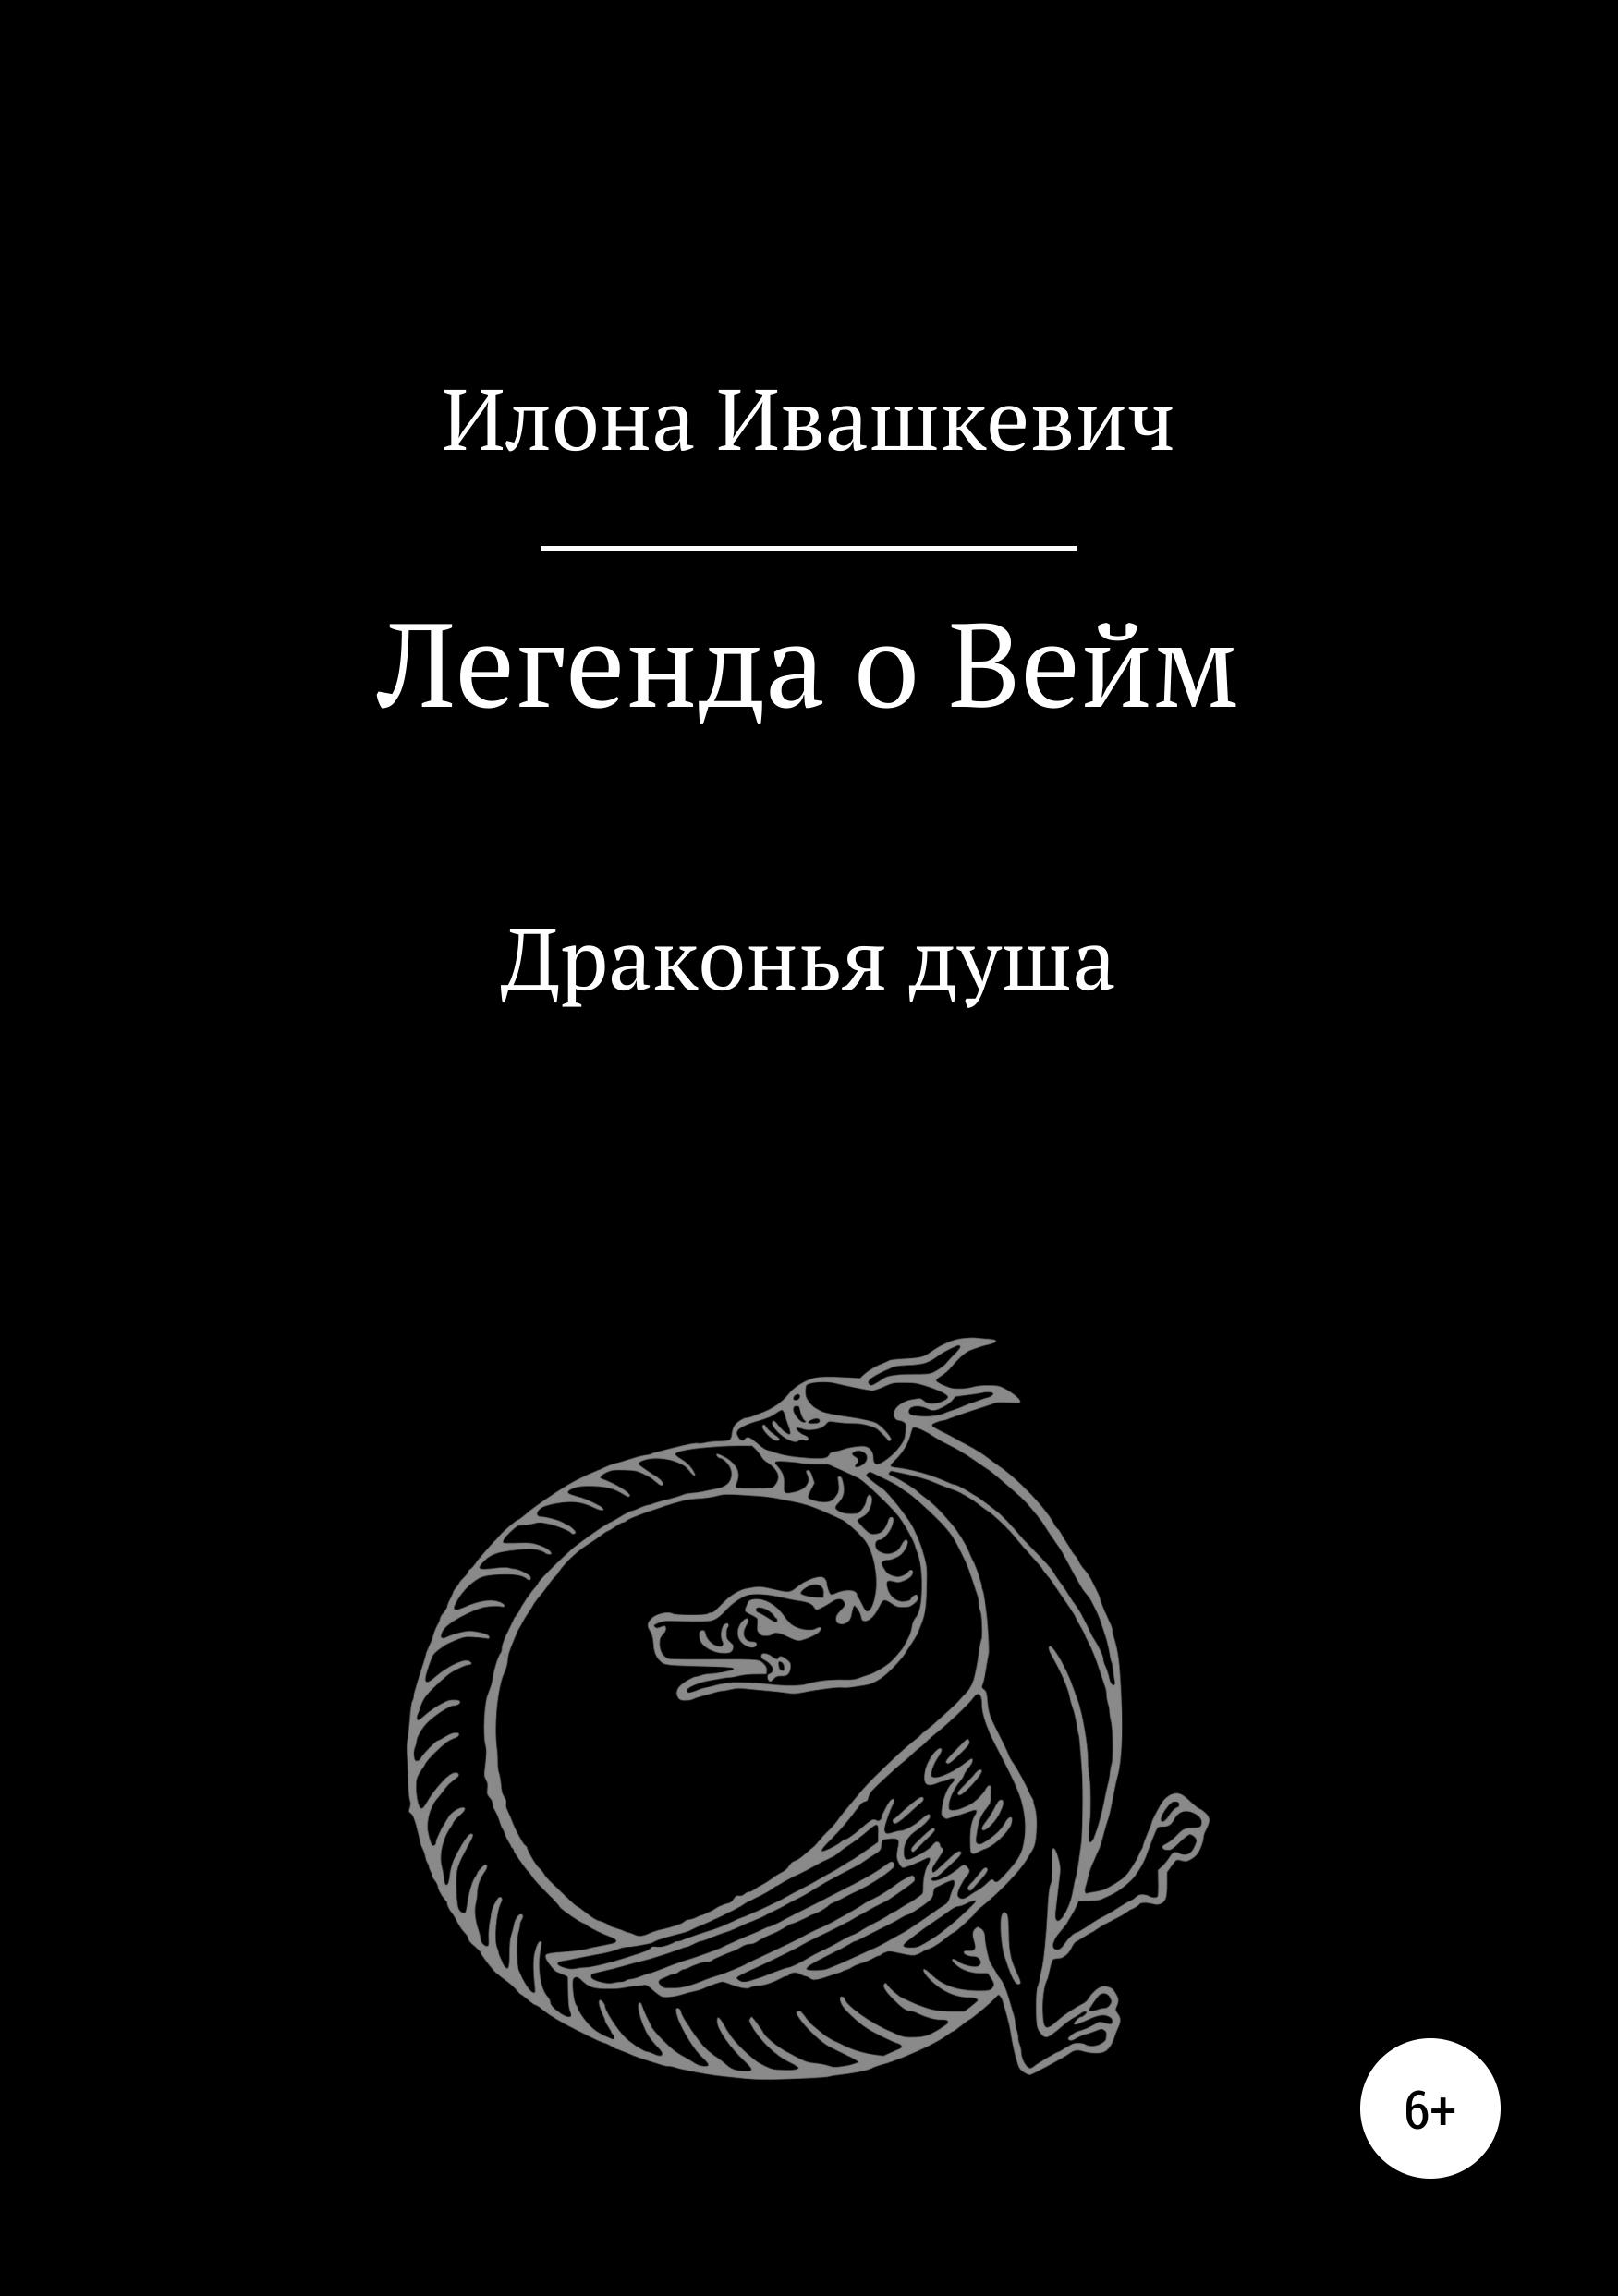 цена на Илона Ивашкевич Легенда о Вейм. Драконья душа